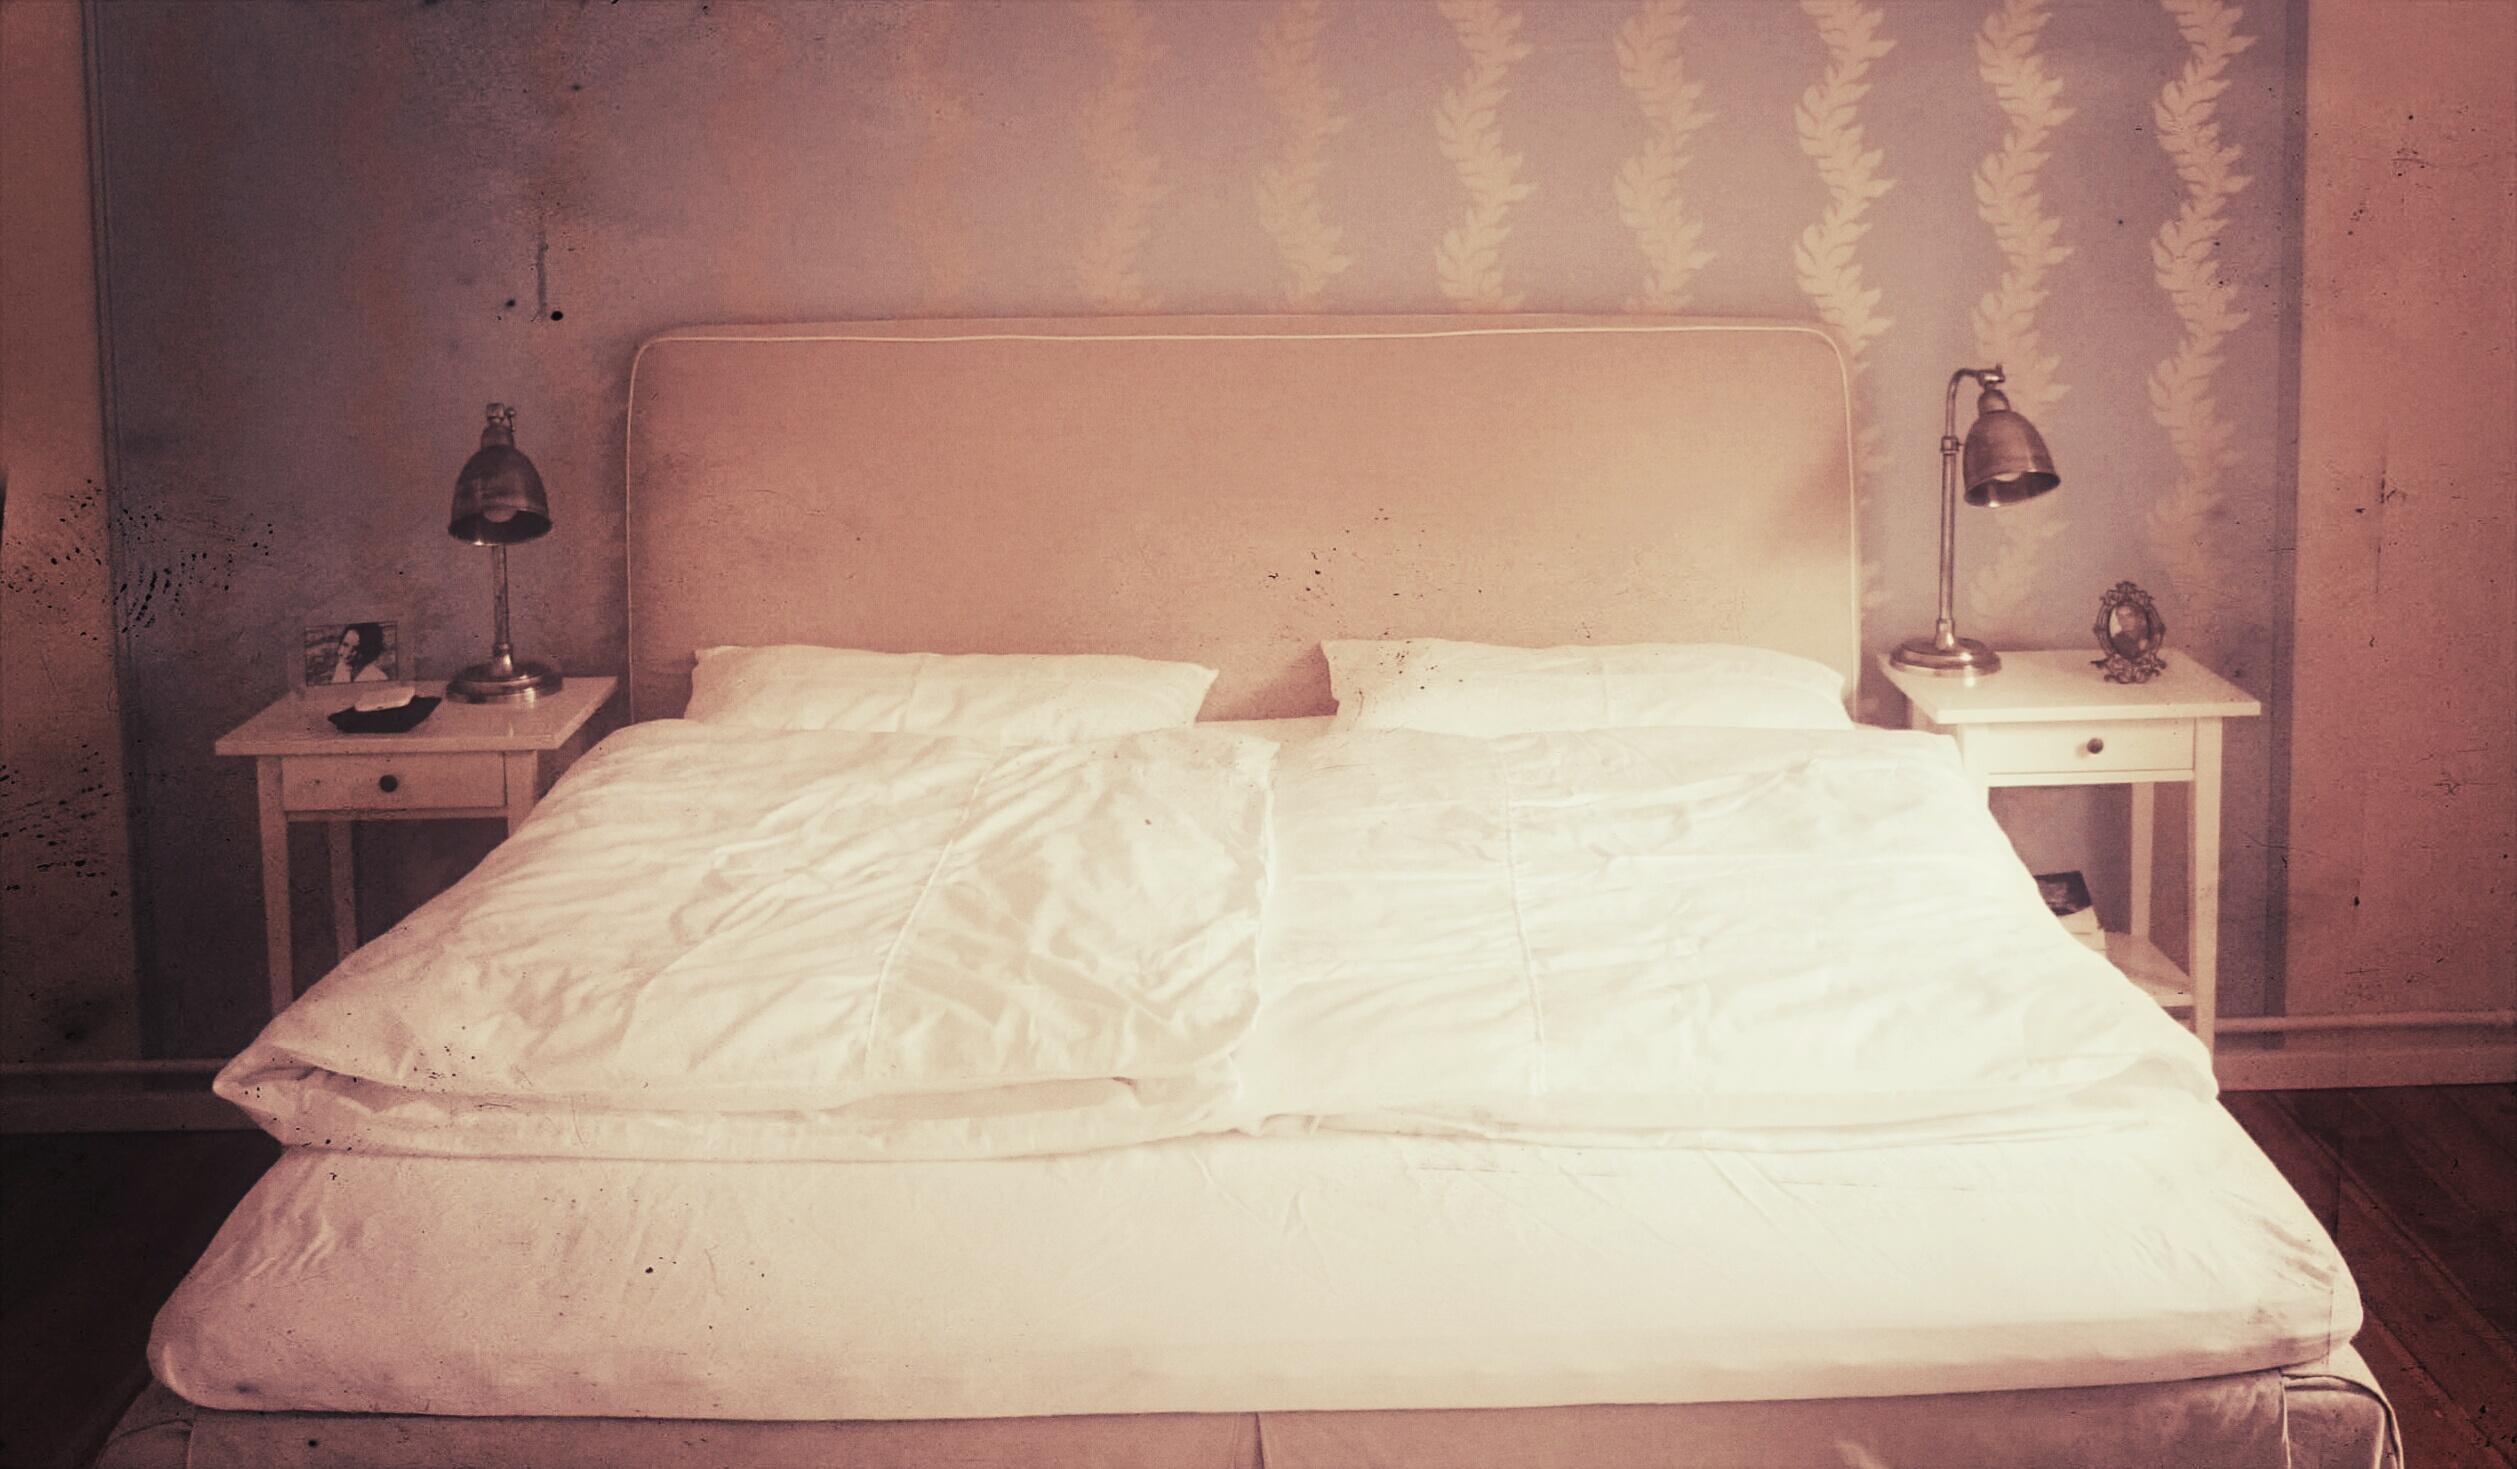 Full Size of Bett Liebestter Ehebett Gedanken Ber Das Getrennte Schlafen 180x200 Betten Kaufen Günstige Rausfallschutz Schwebendes Jabo Poco Ottoversand Outlet Hohes Mit Bett Bett 1.40